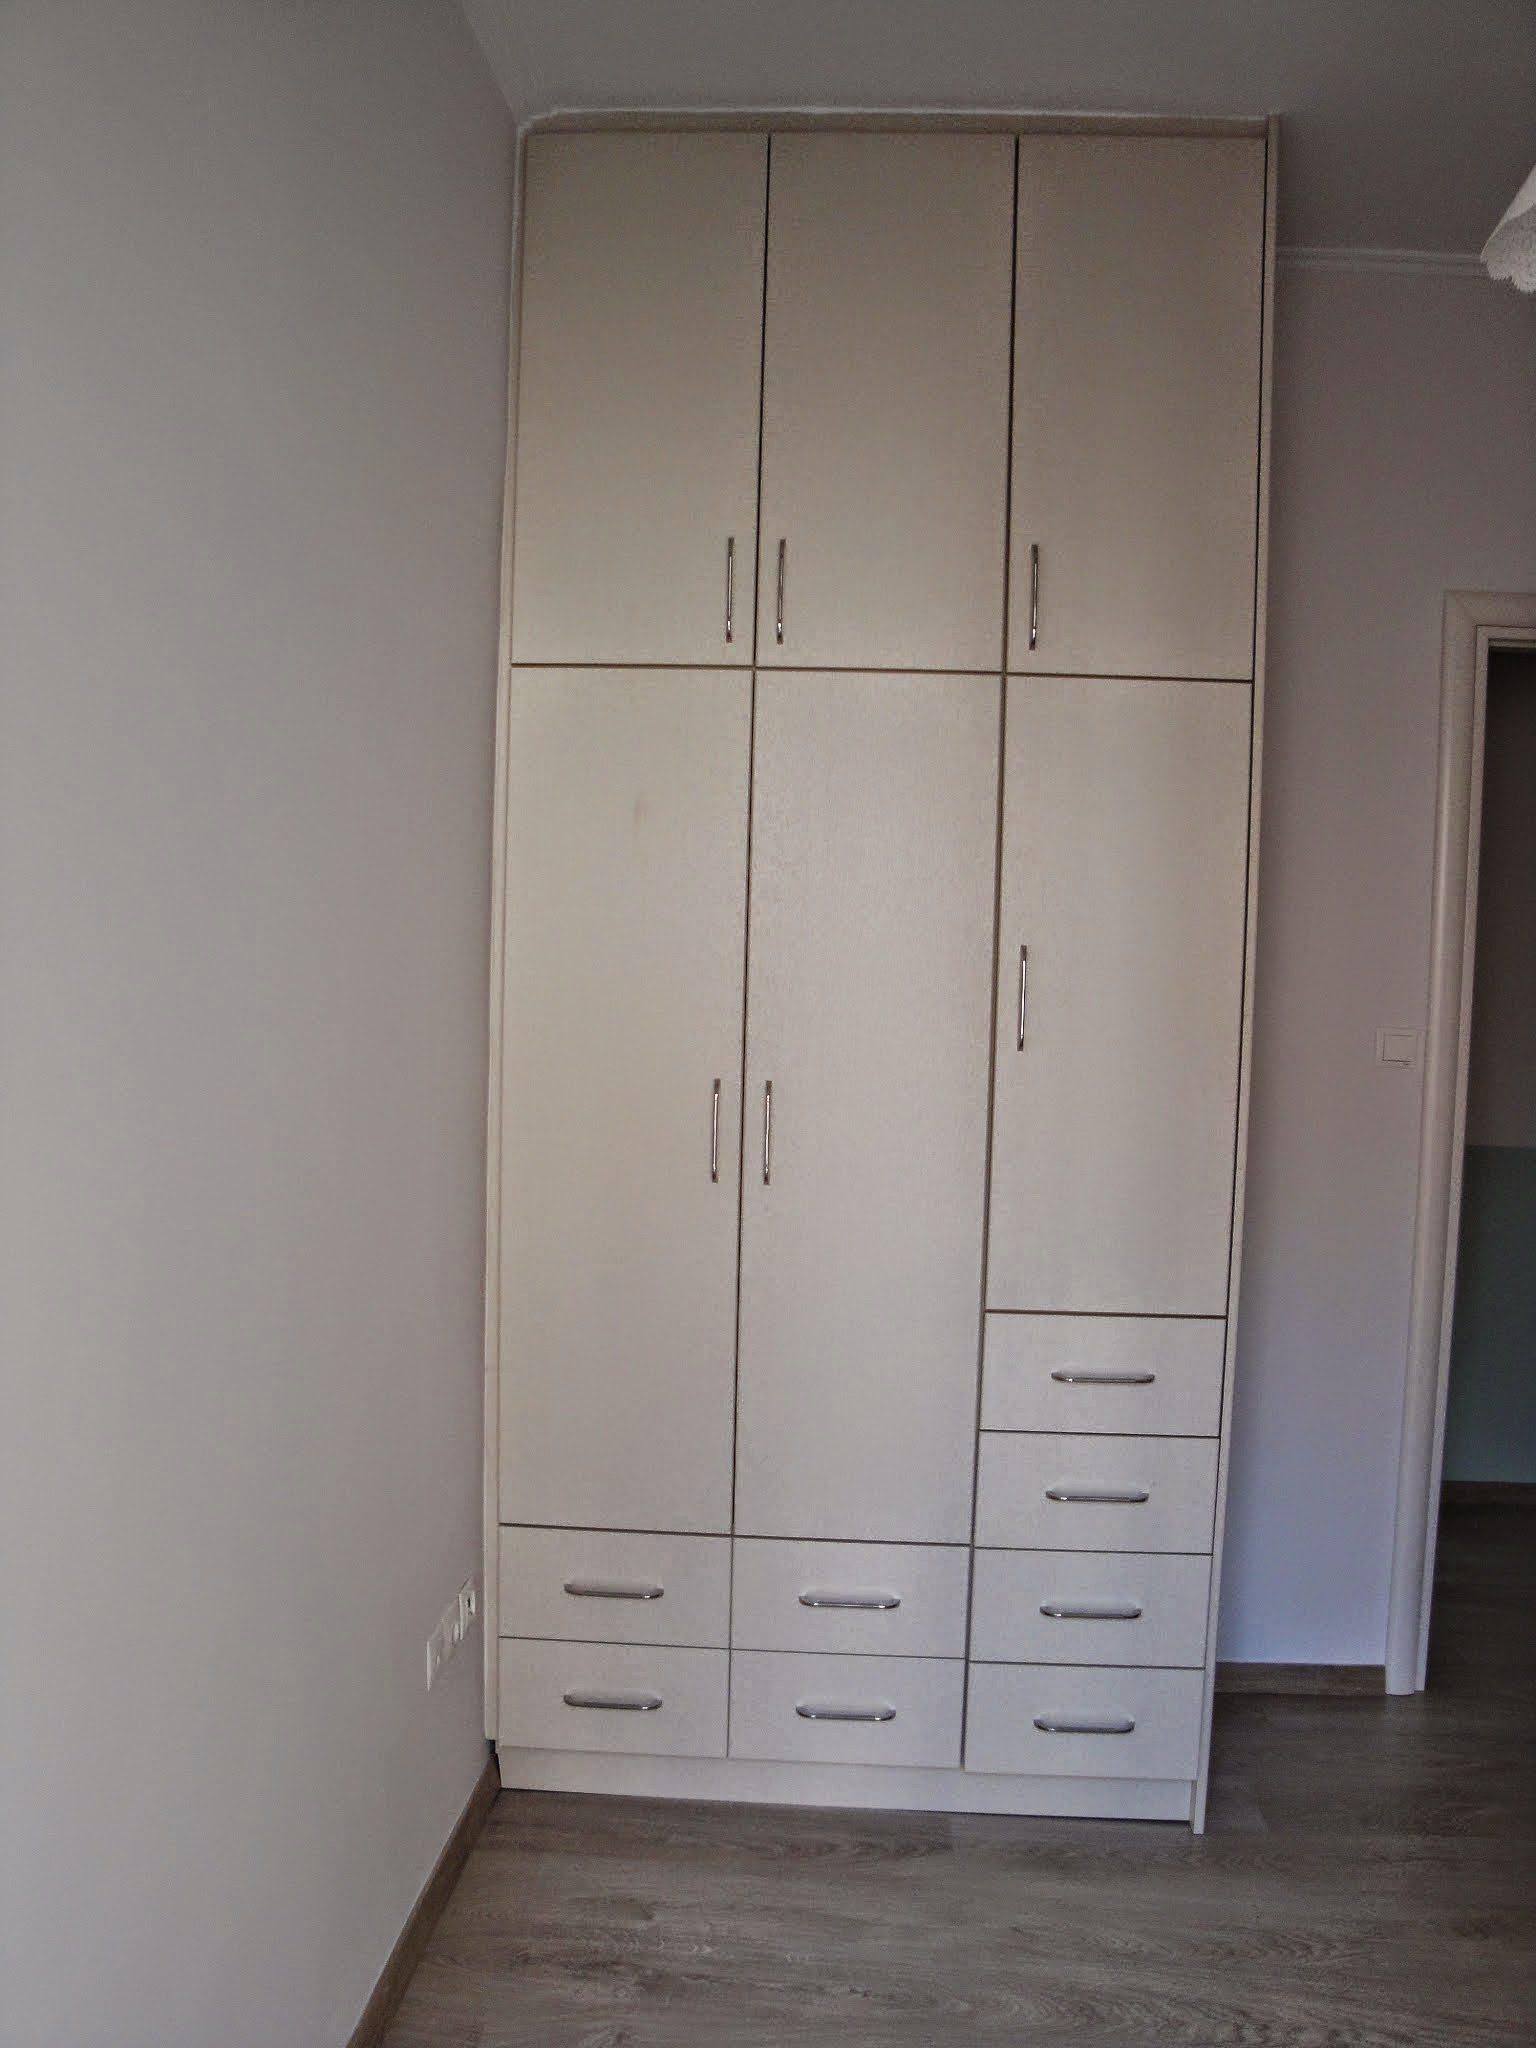 Ντουλάπα από βακελίτη για μικρό δωμάτιο.